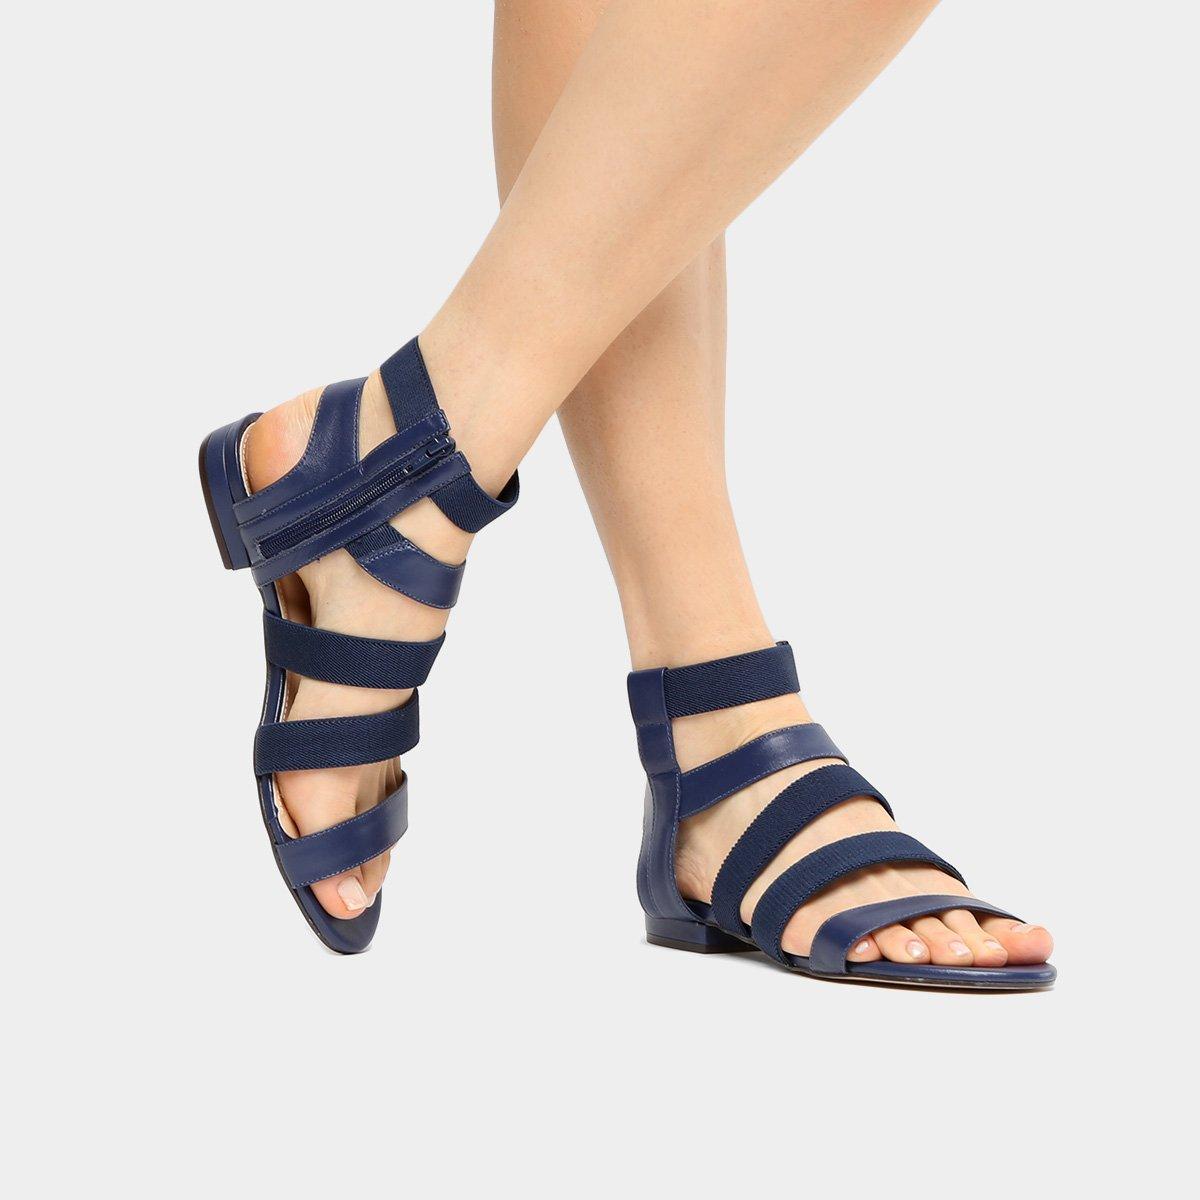 Shoestock Rasteira Marinho Shoestock Marinho Rasteira Rasteira Elásticos Elásticos Shoestock Marinho Shoestock Rasteira Elásticos gzAq5xnwt